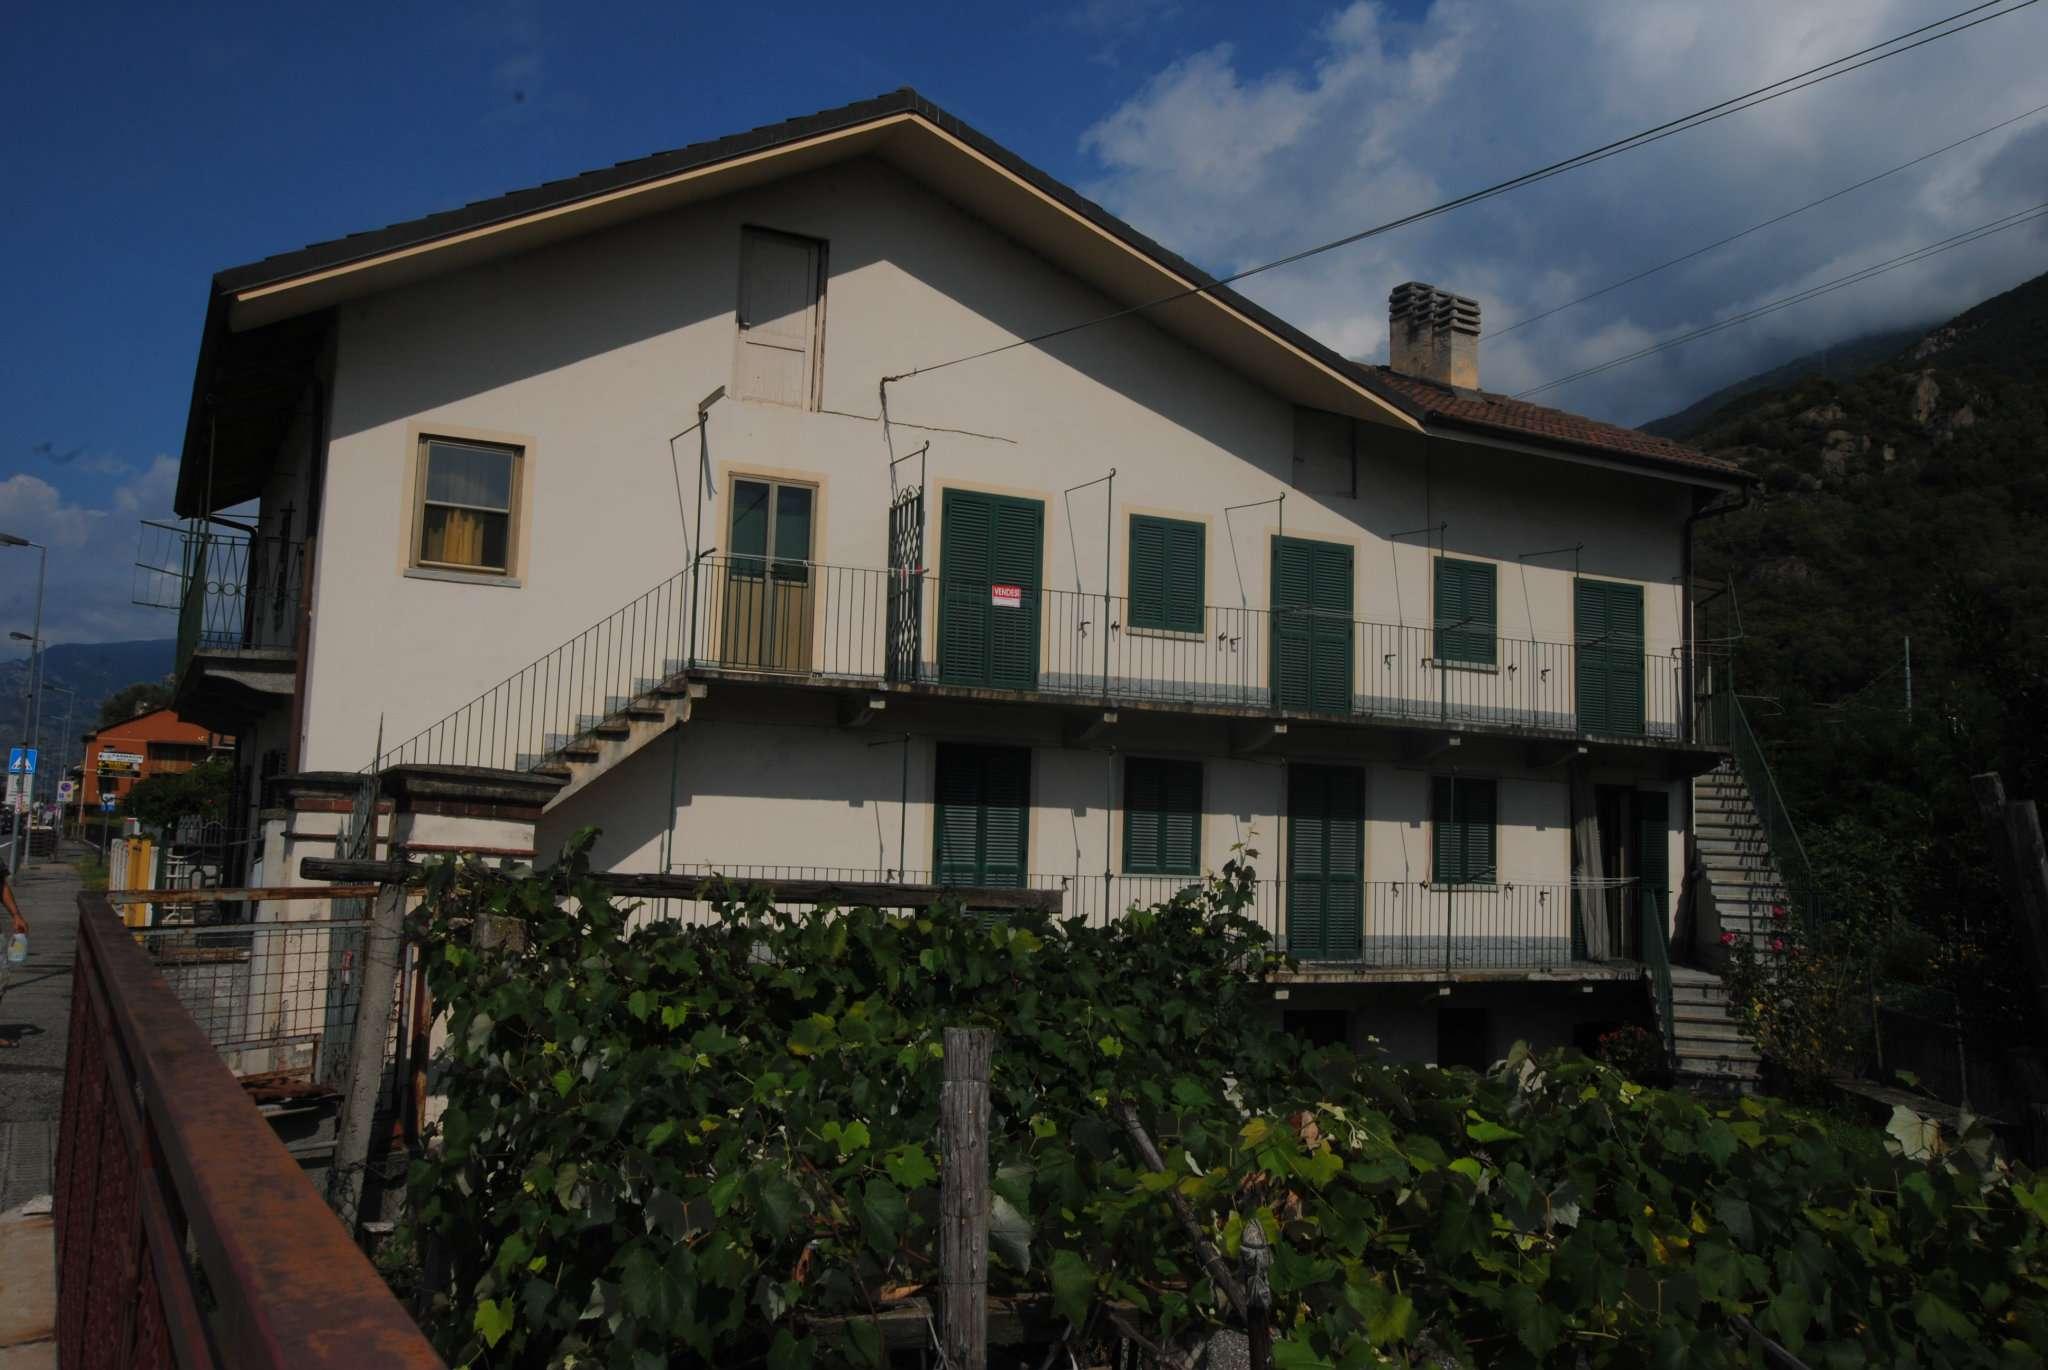 Soluzione Semindipendente in vendita a Borgone Susa, 6 locali, prezzo € 149.000 | CambioCasa.it